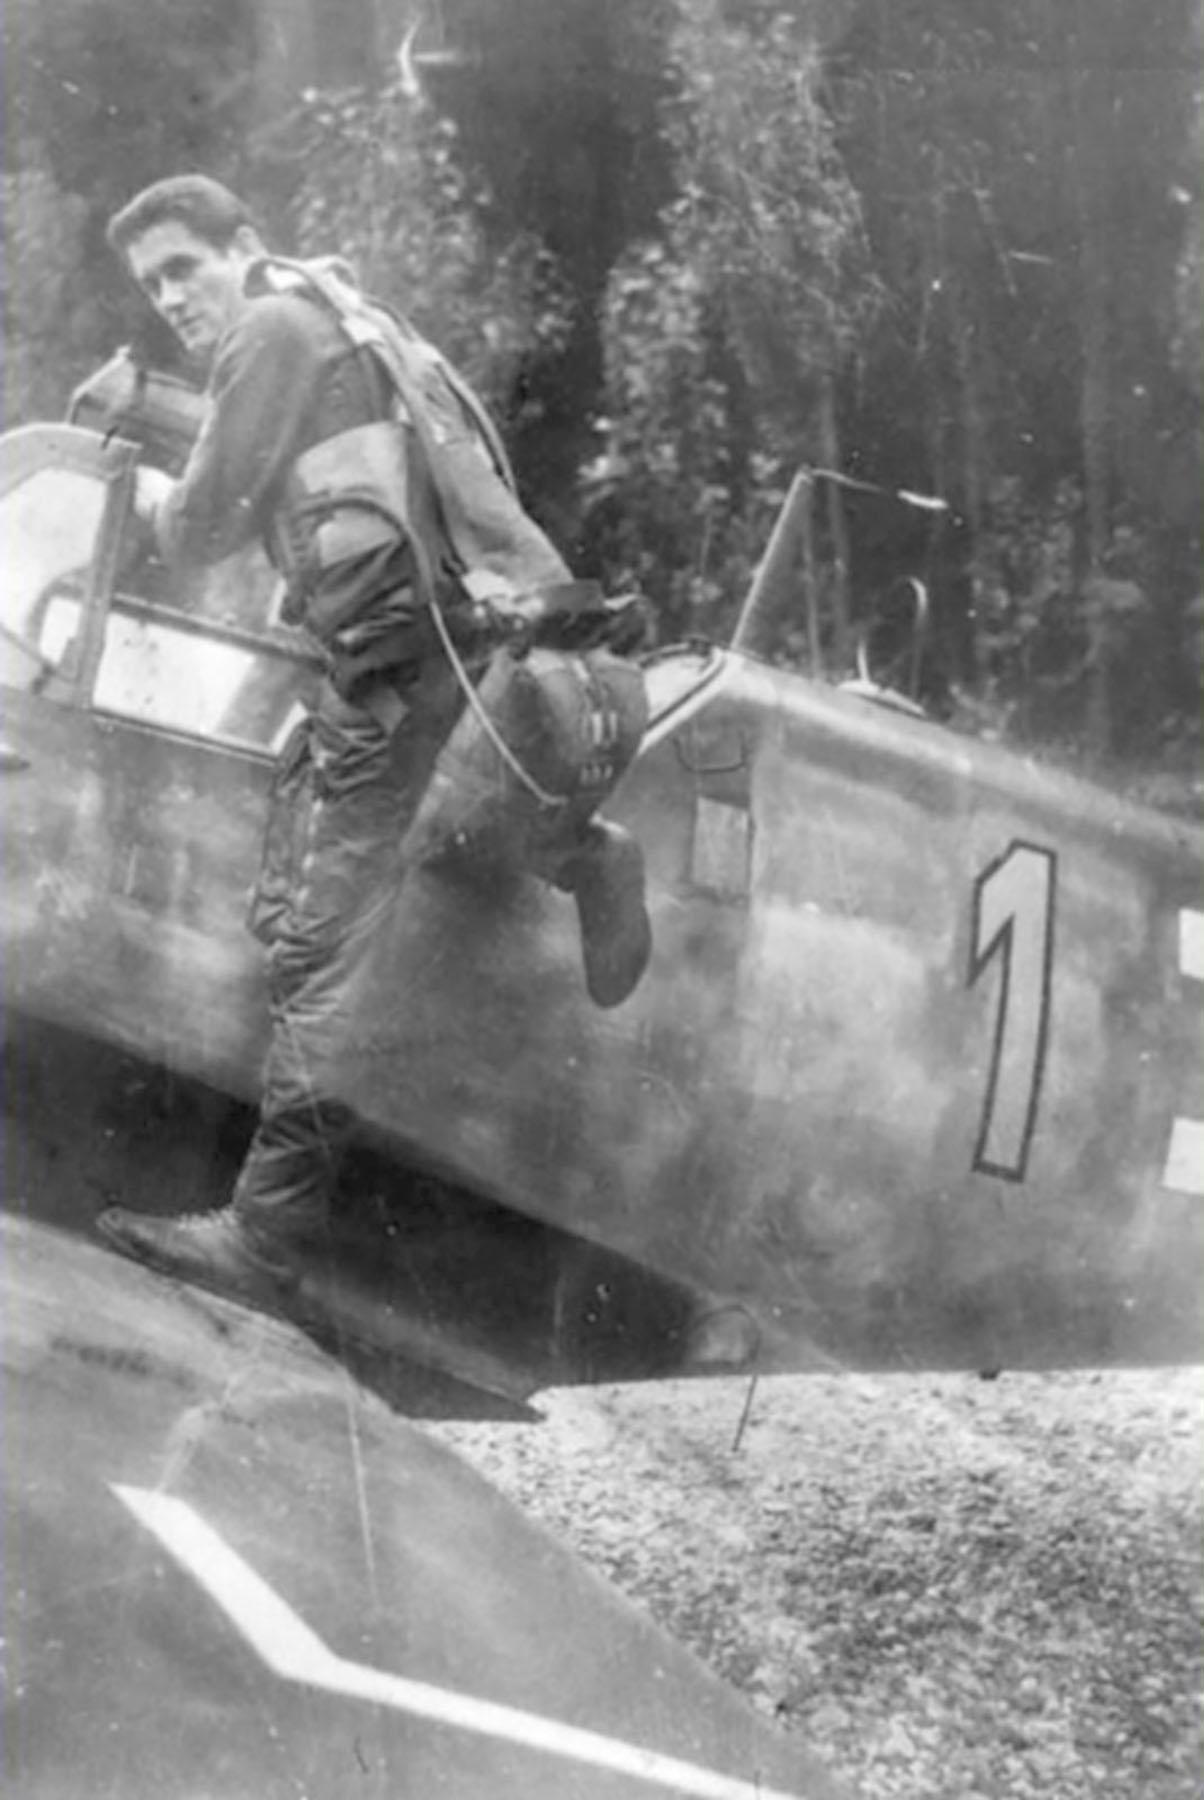 Messerschmitt Bf 109G6 Reichsverteidigung Yellow 1 unknown unit and pilot 01